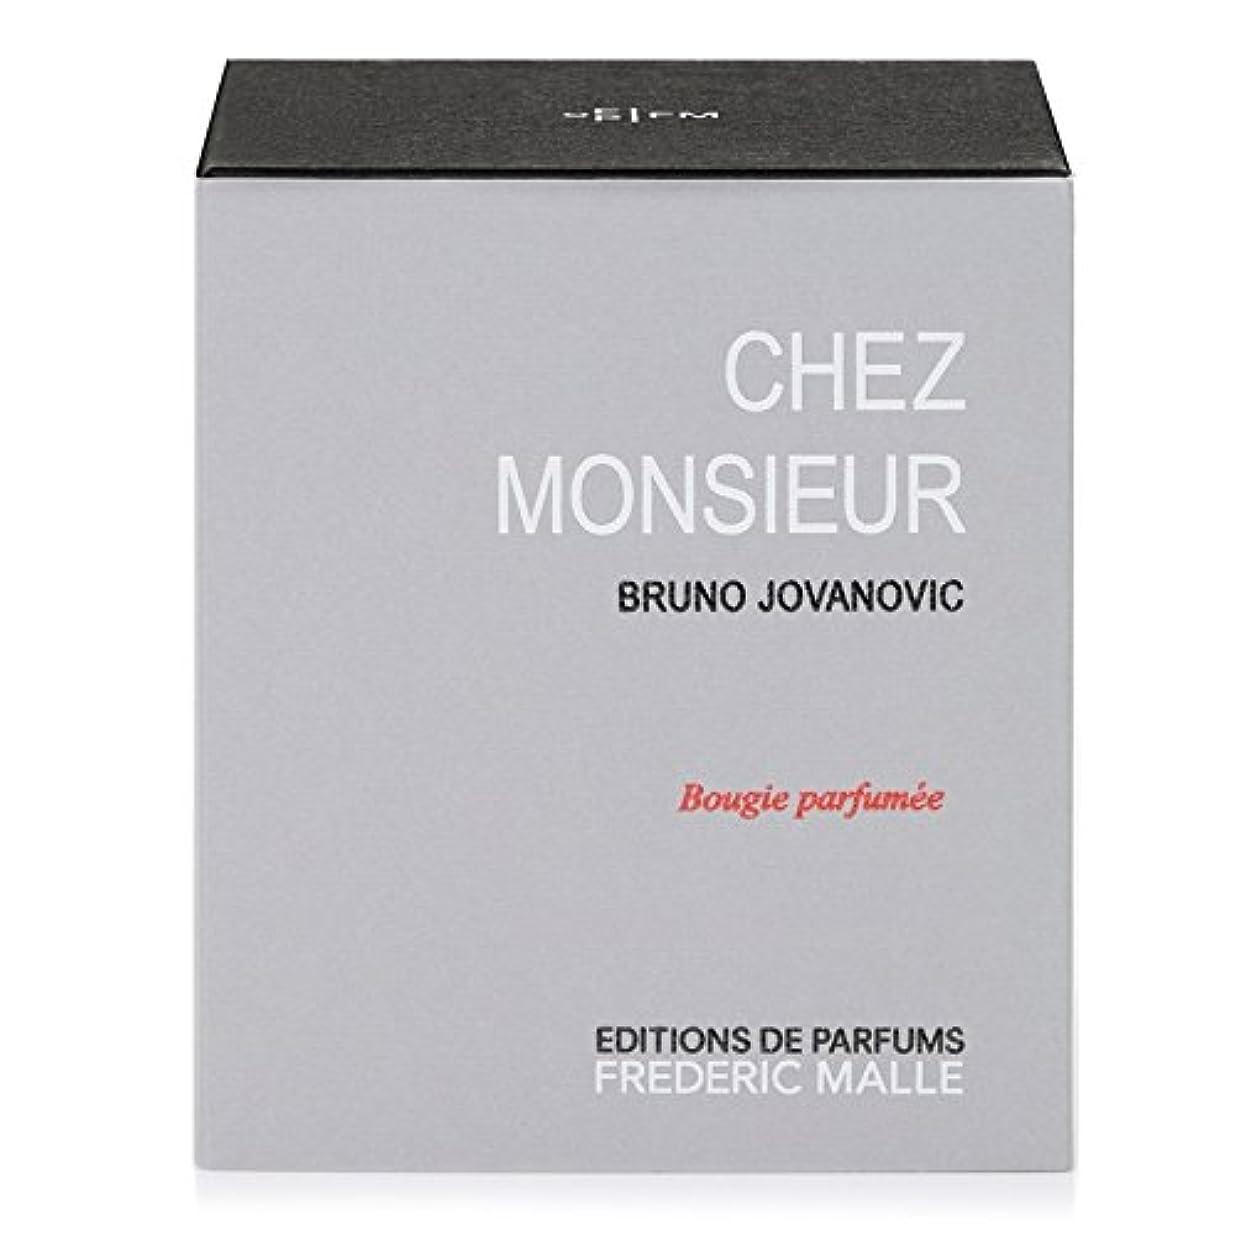 熟達打たれたトラック普通のFrederic Malle Chez Monsieur Scented Candle 220g (Pack of 2) - フレデリック?マルシェムッシュ香りのキャンドル220グラム x2 [並行輸入品]